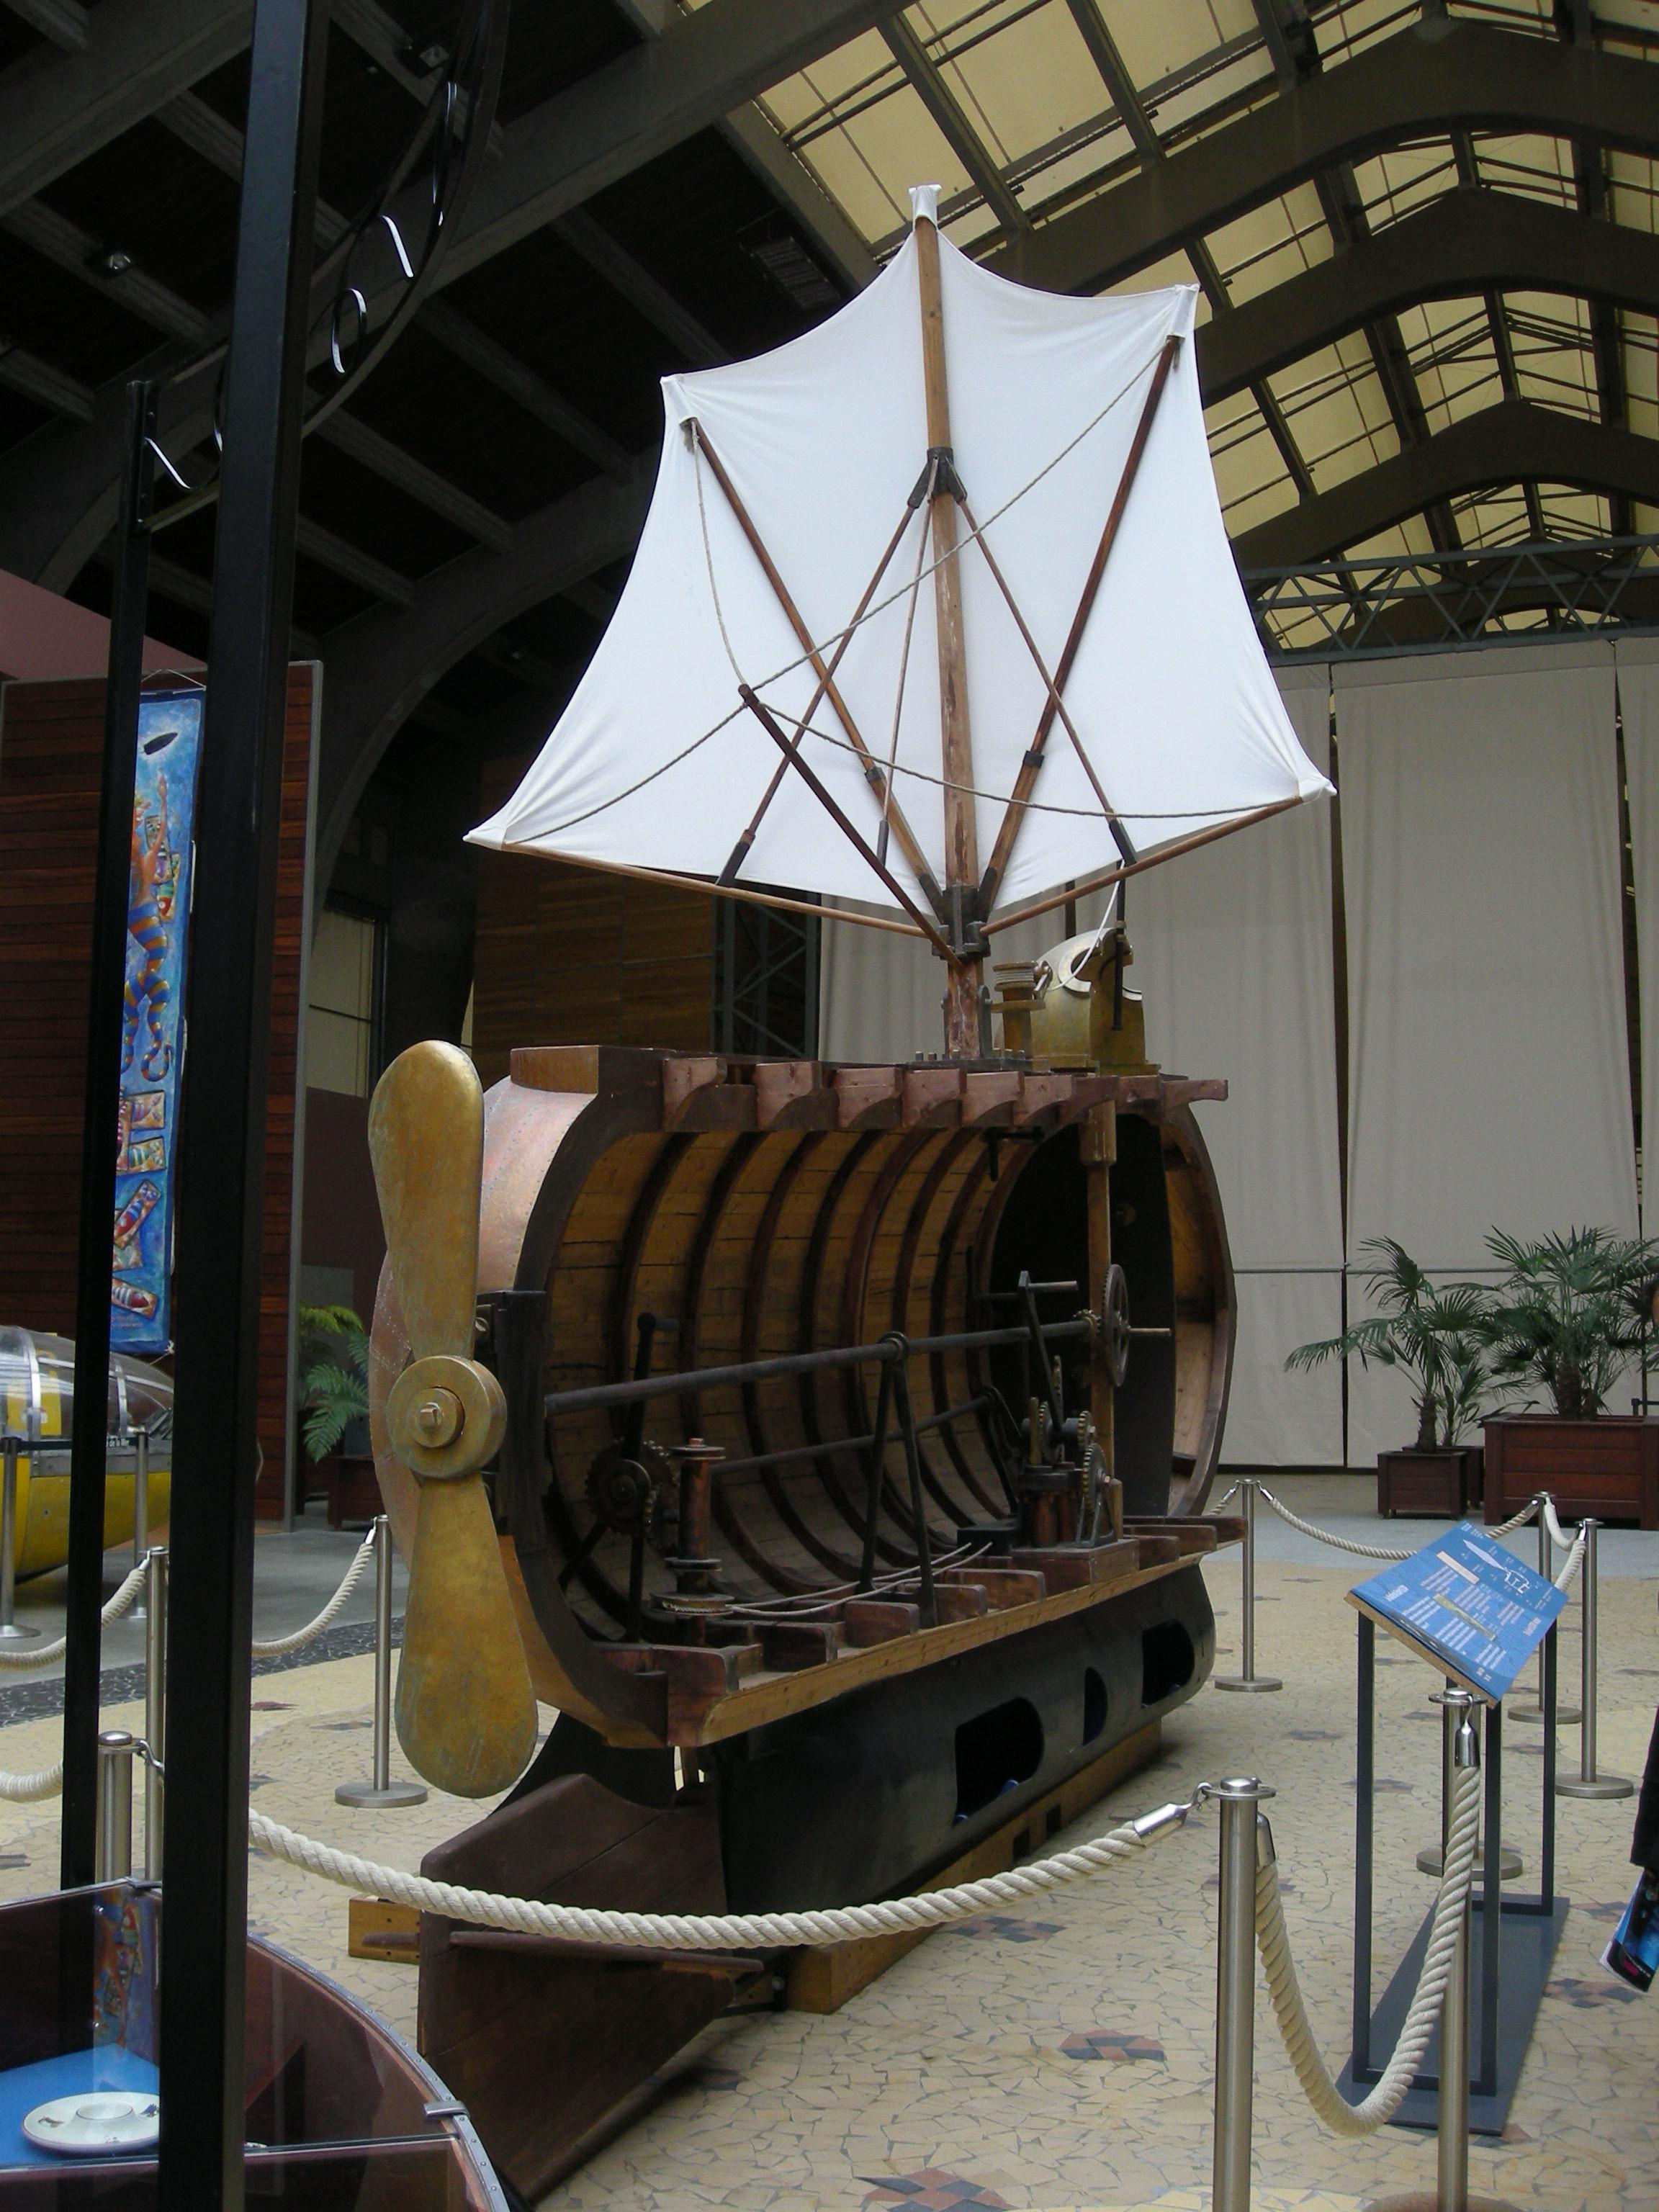 Full-sized section model of Nautilus; Courtesy - Wikimedia